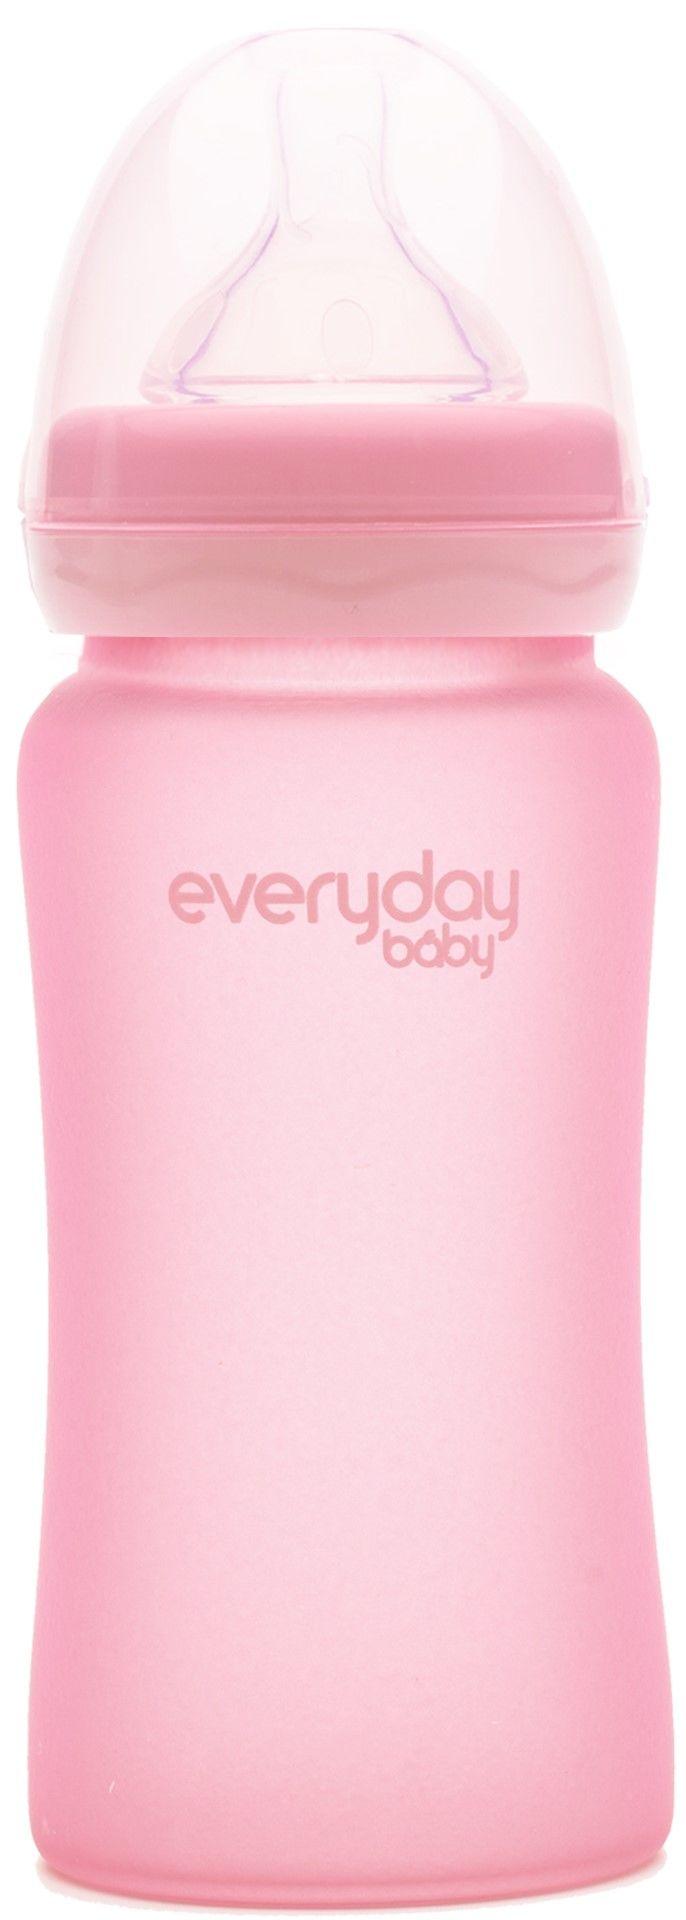 Everyday Baby Nappflaska 240 ml, Rose Pink